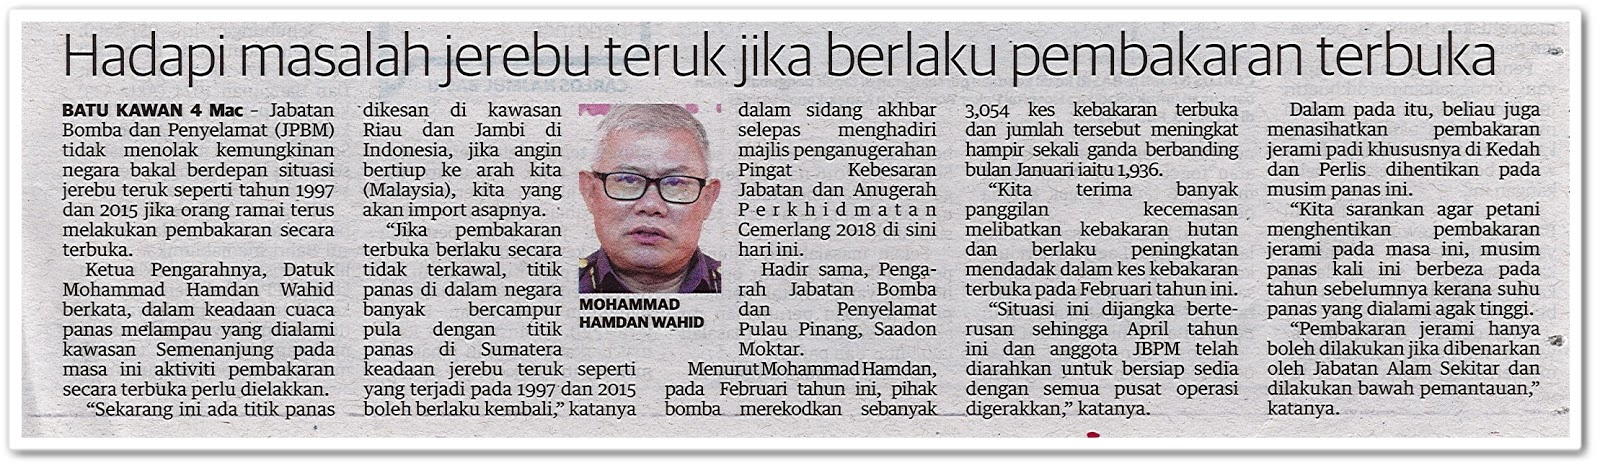 Hadapi masalah jerebu teruk jika berlaku pembakaran terbuka - Keratan akhbar Utusan Malaysia 5 Mac 2019